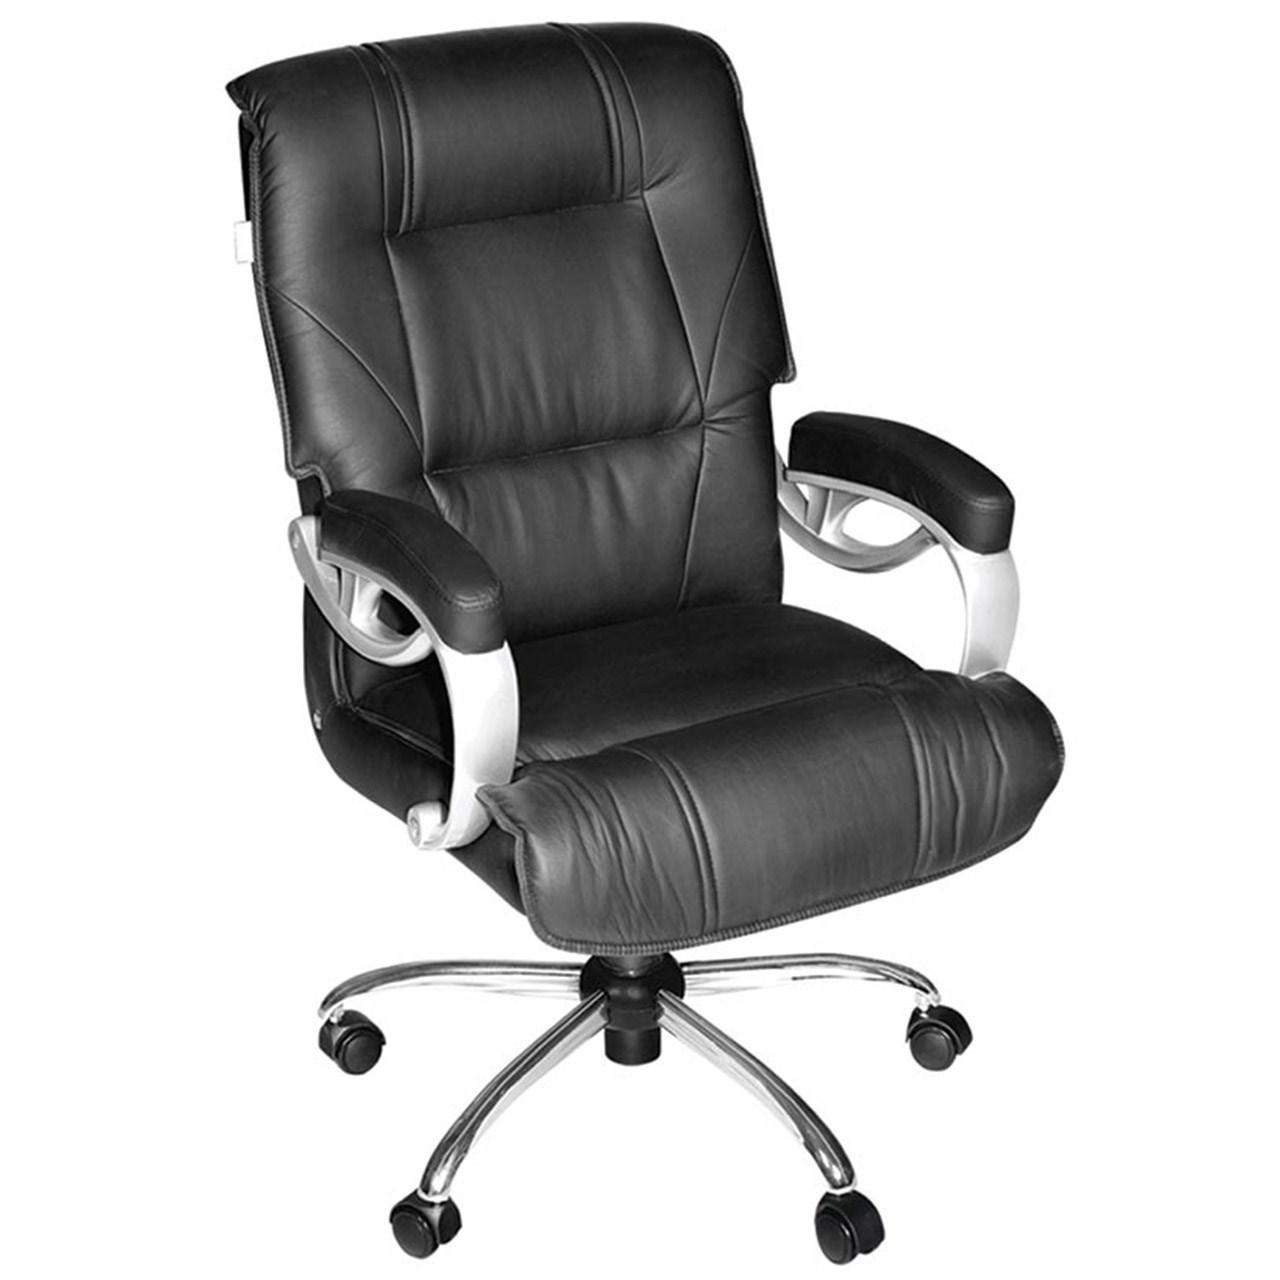 صندلی اداری نوین سیستم مدل 3016K